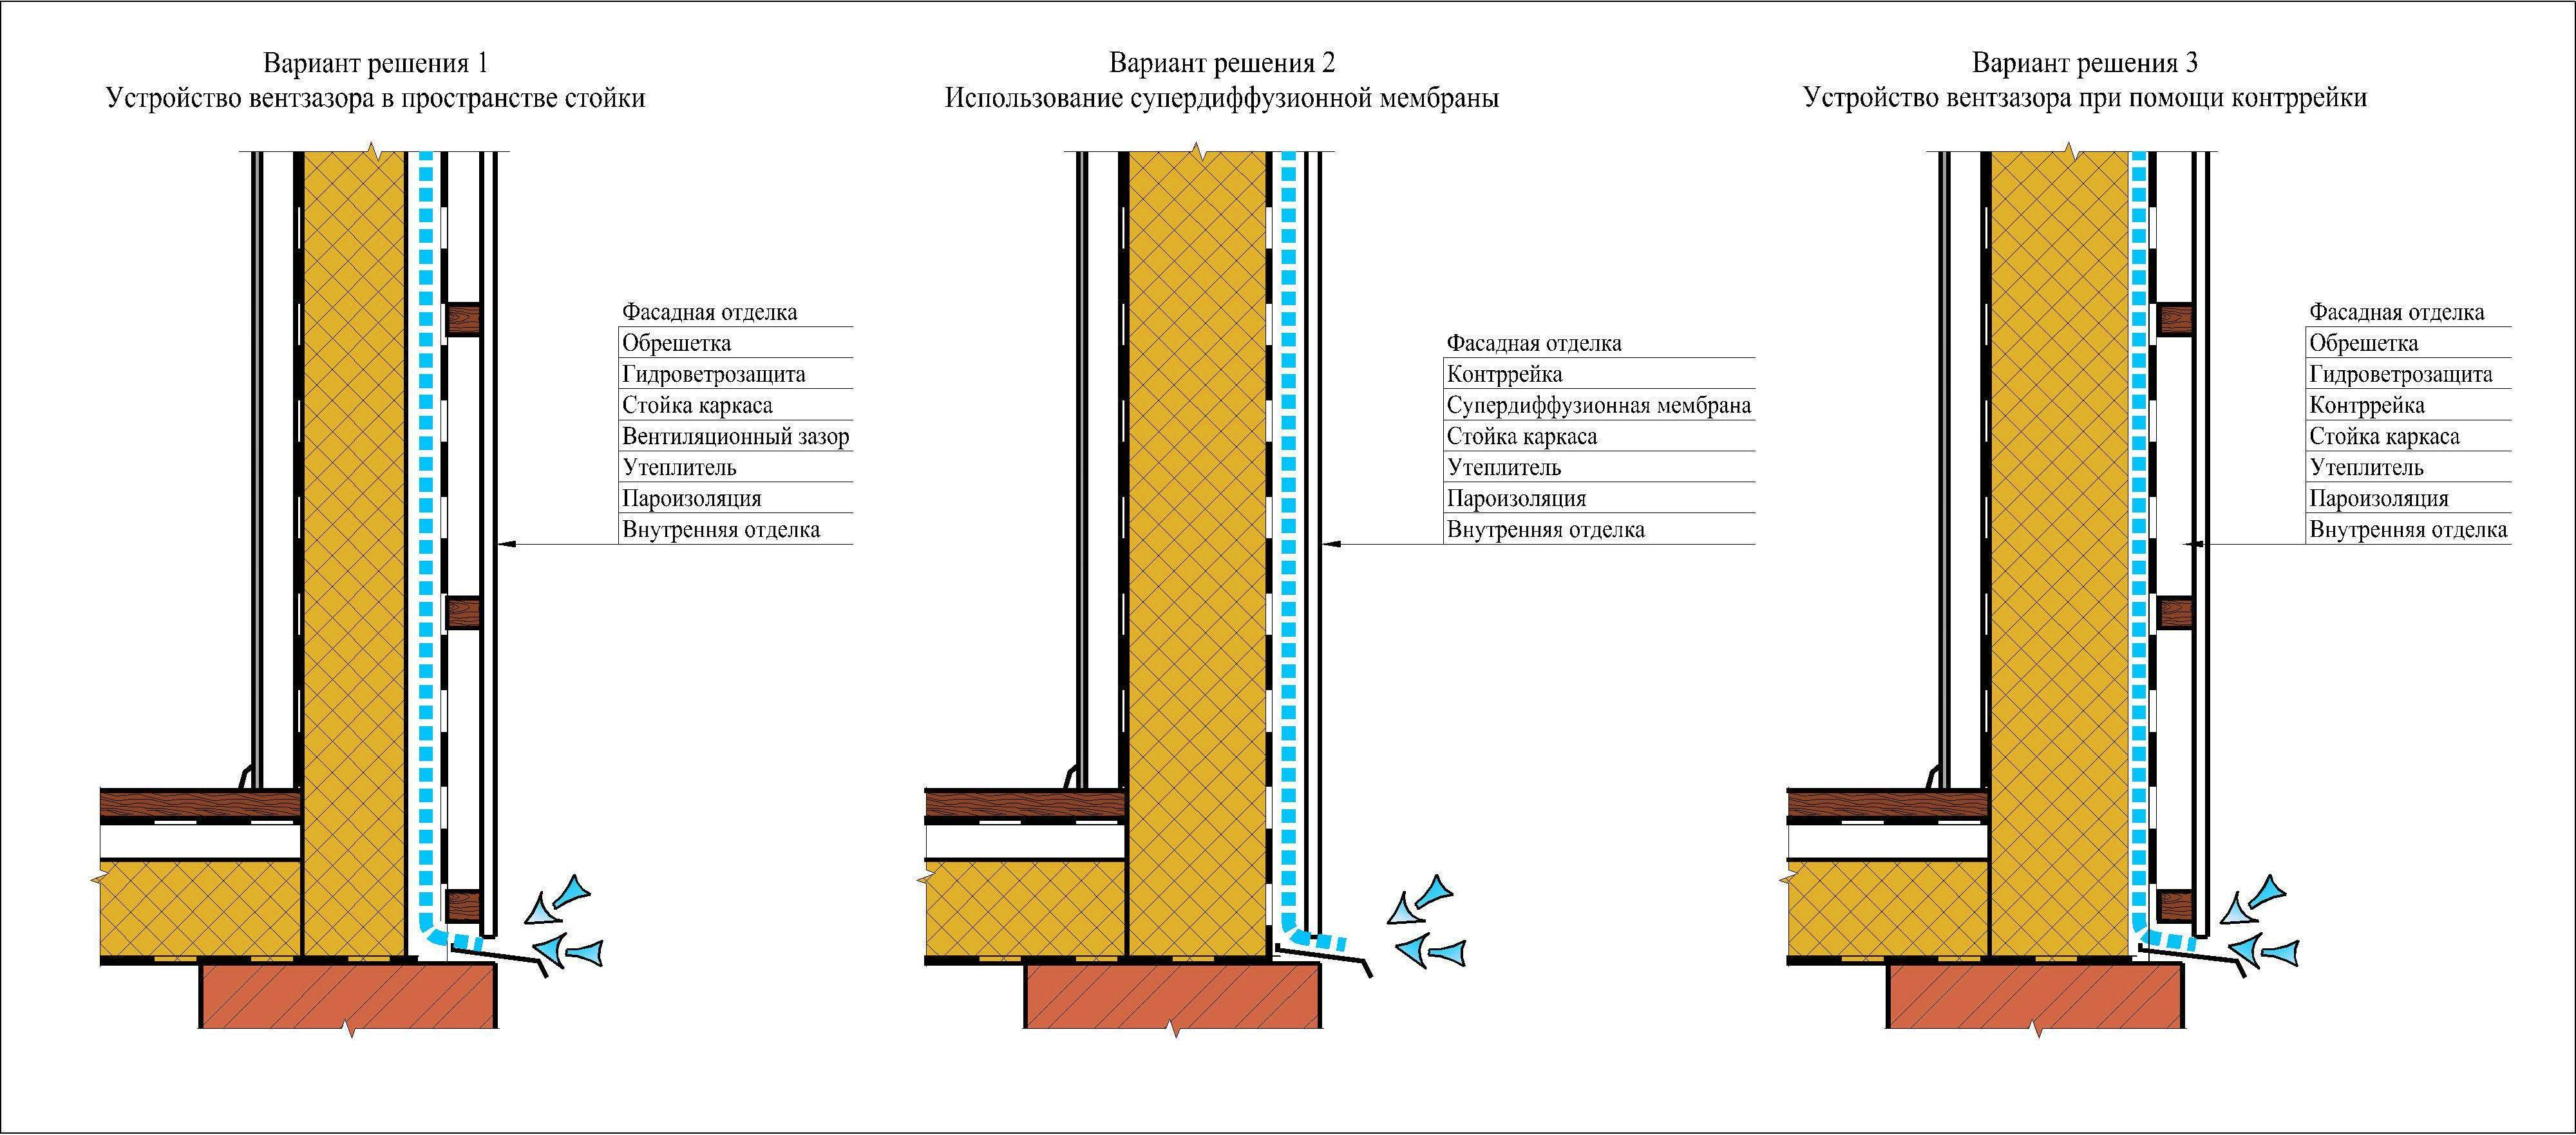 Виды вентиляторов: классификация, устройство, принцип работы популярных конструкций